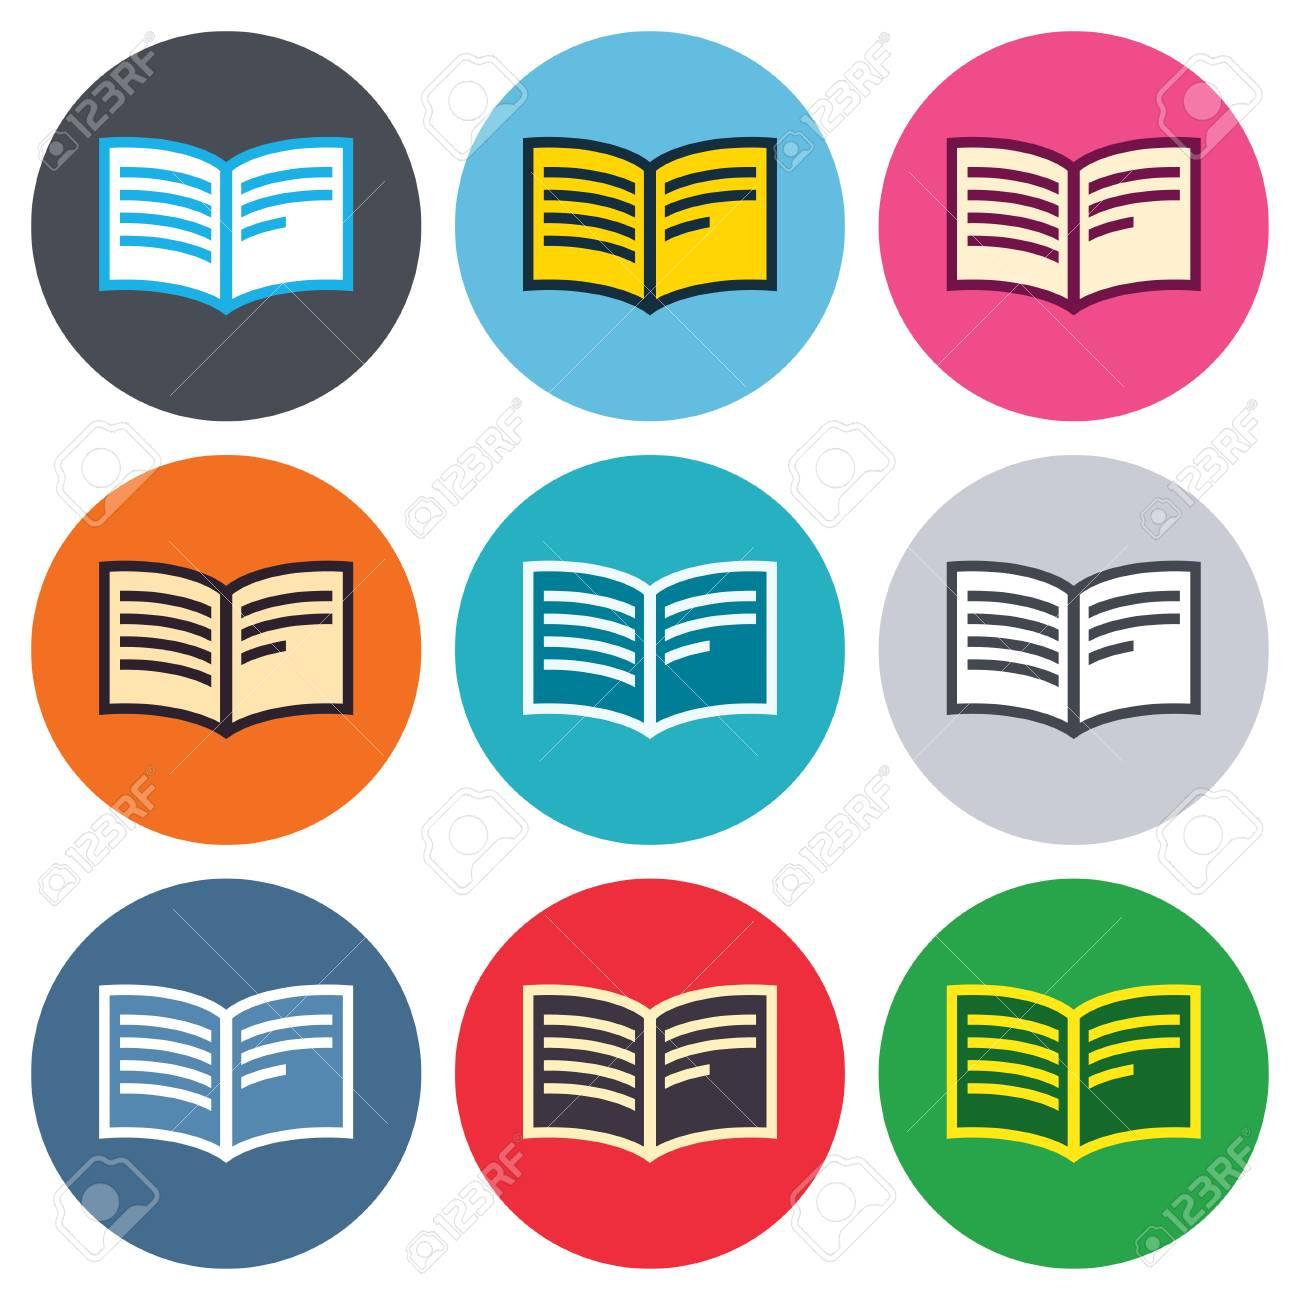 Reserver Signe Icone Ouvrir Symbole De Livre Boutons Ronds De Couleur Appartement Icones Cercle De Conception Fixes Vecteur